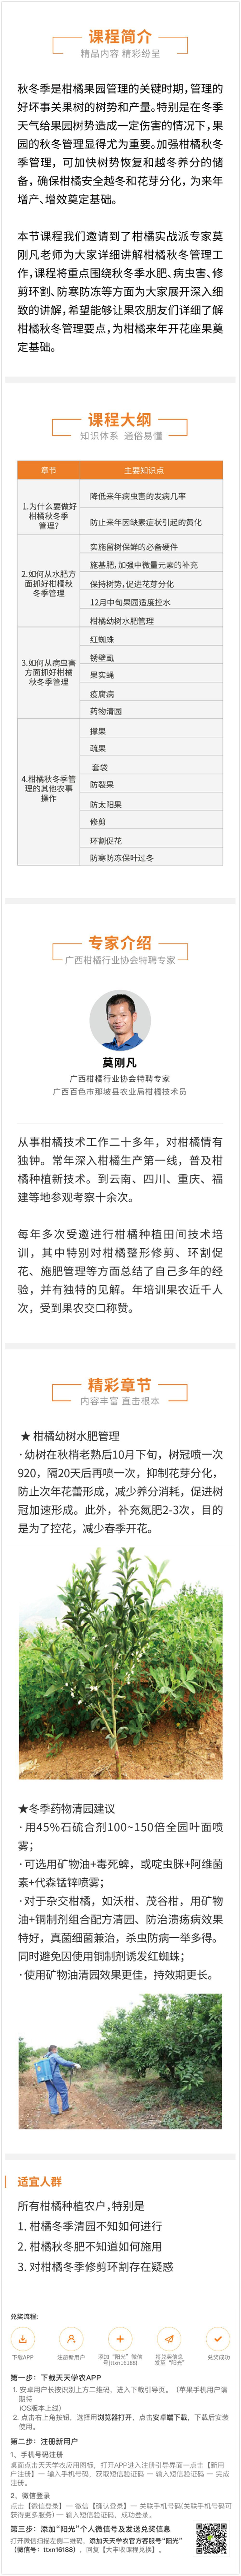 柑橘秋冬管理技术全攻略课程(1).jpg